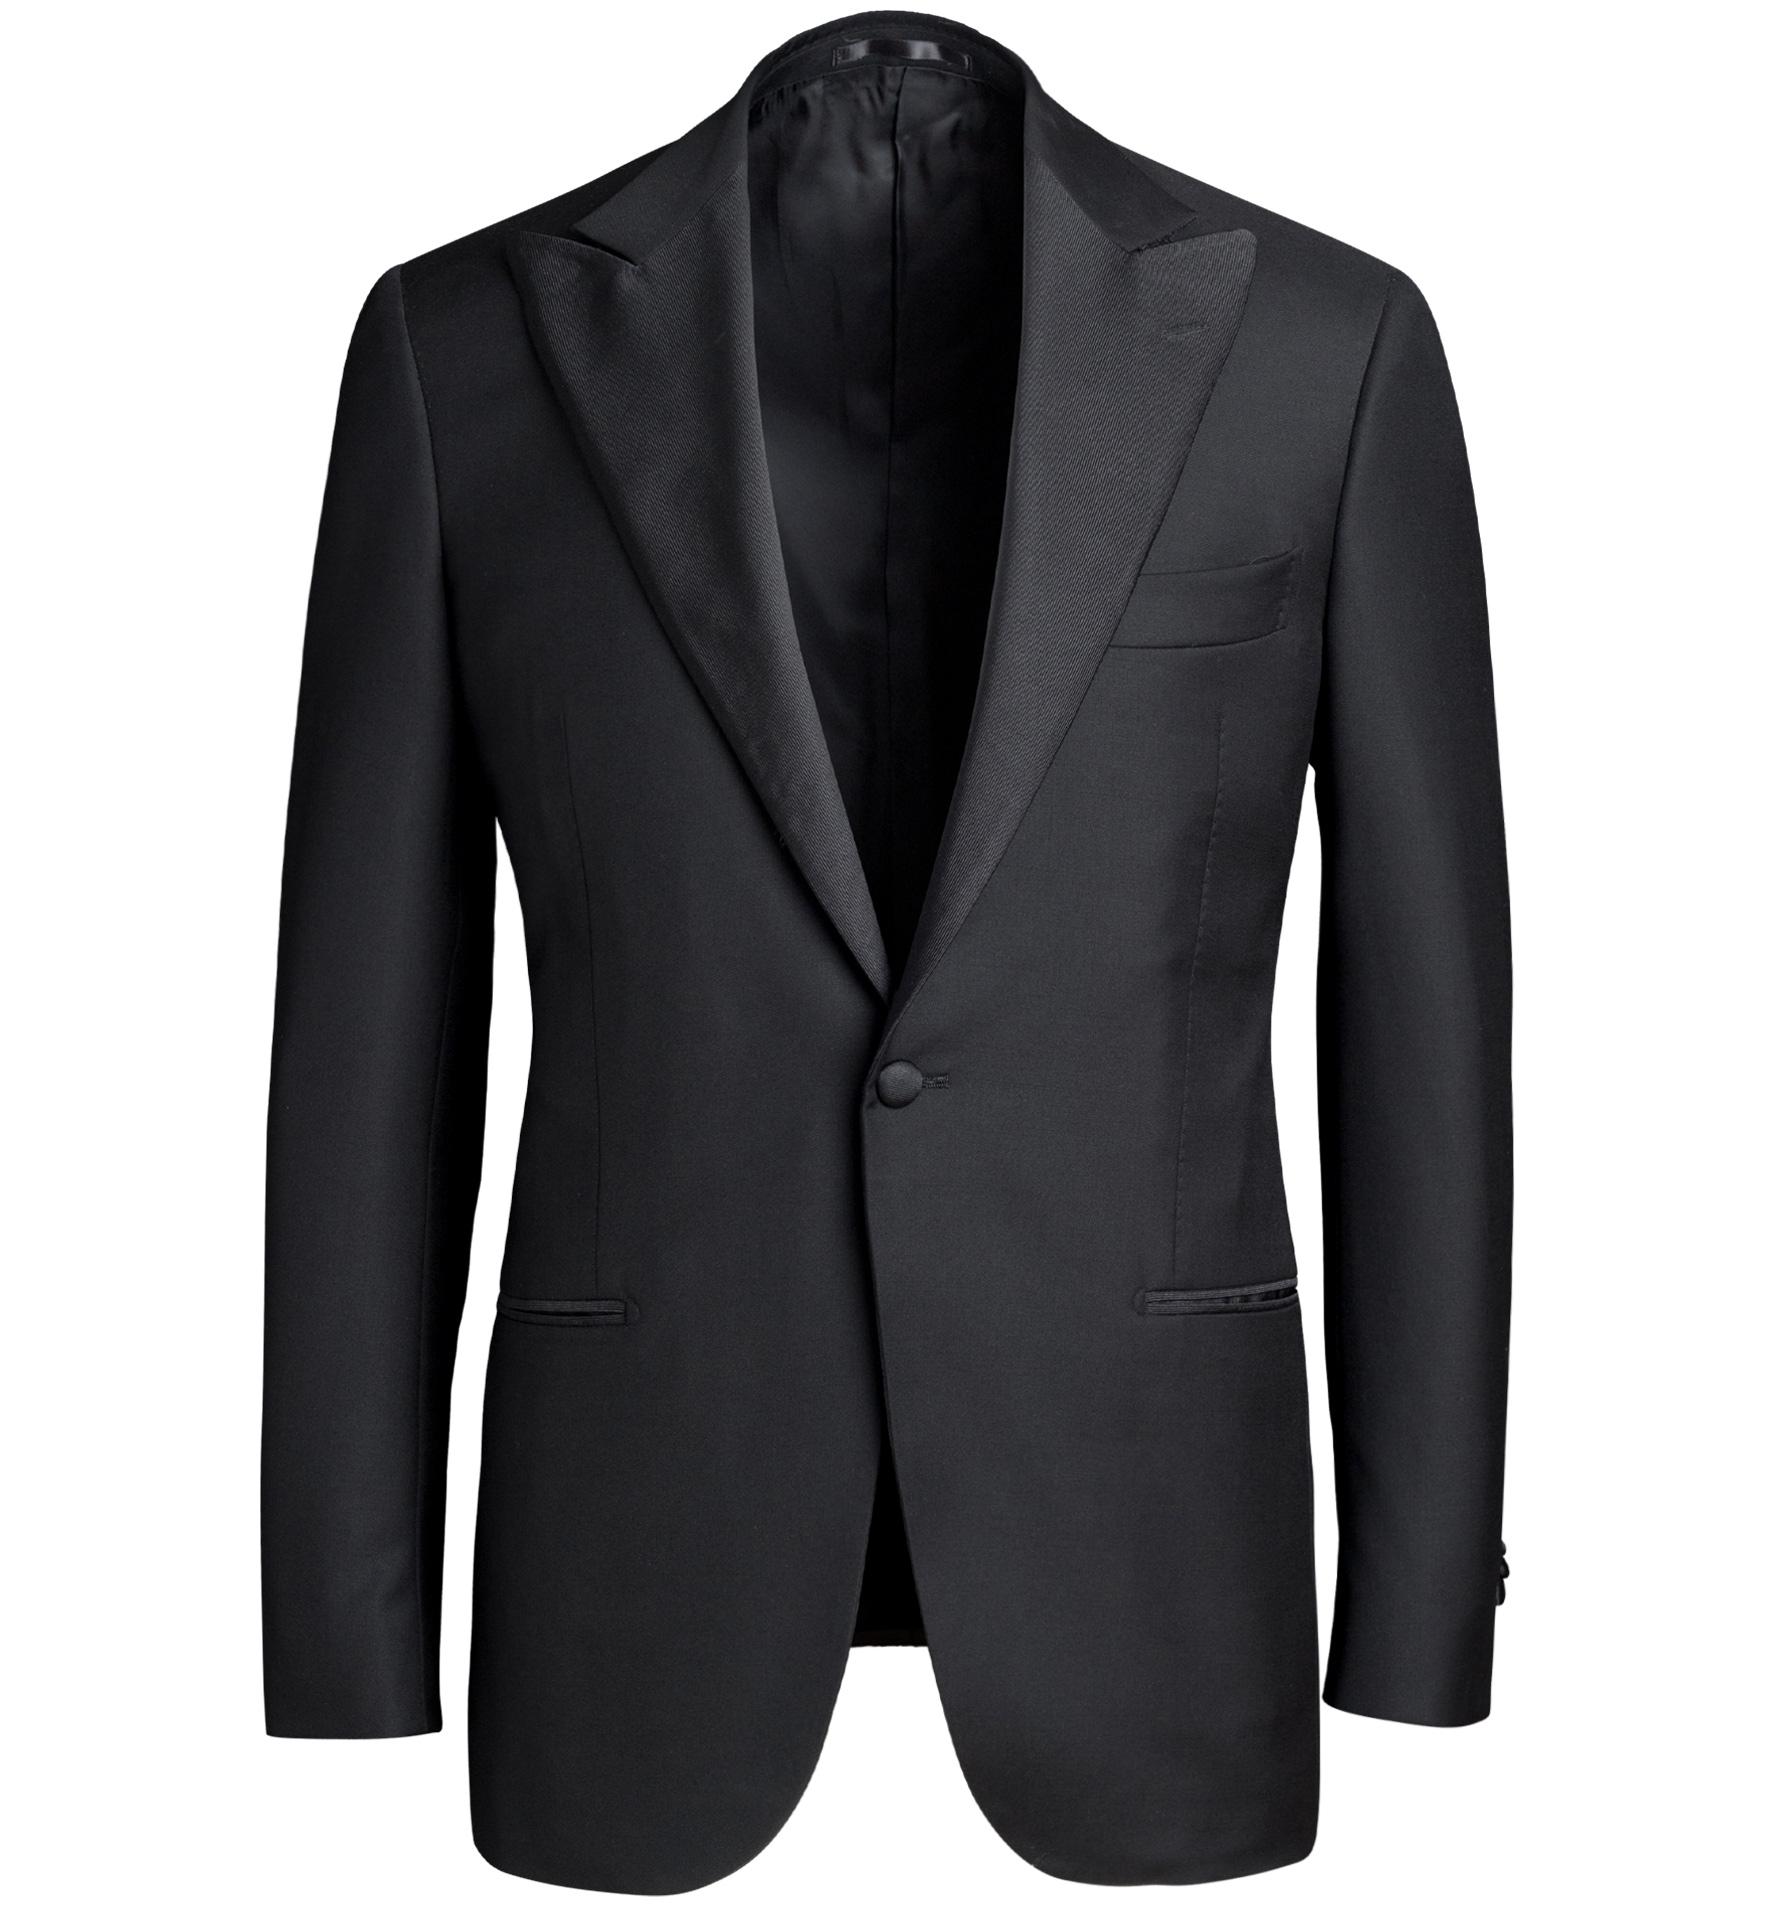 Zoom Image of Mayfair Black Wool and Linen Tuxedo Jacket